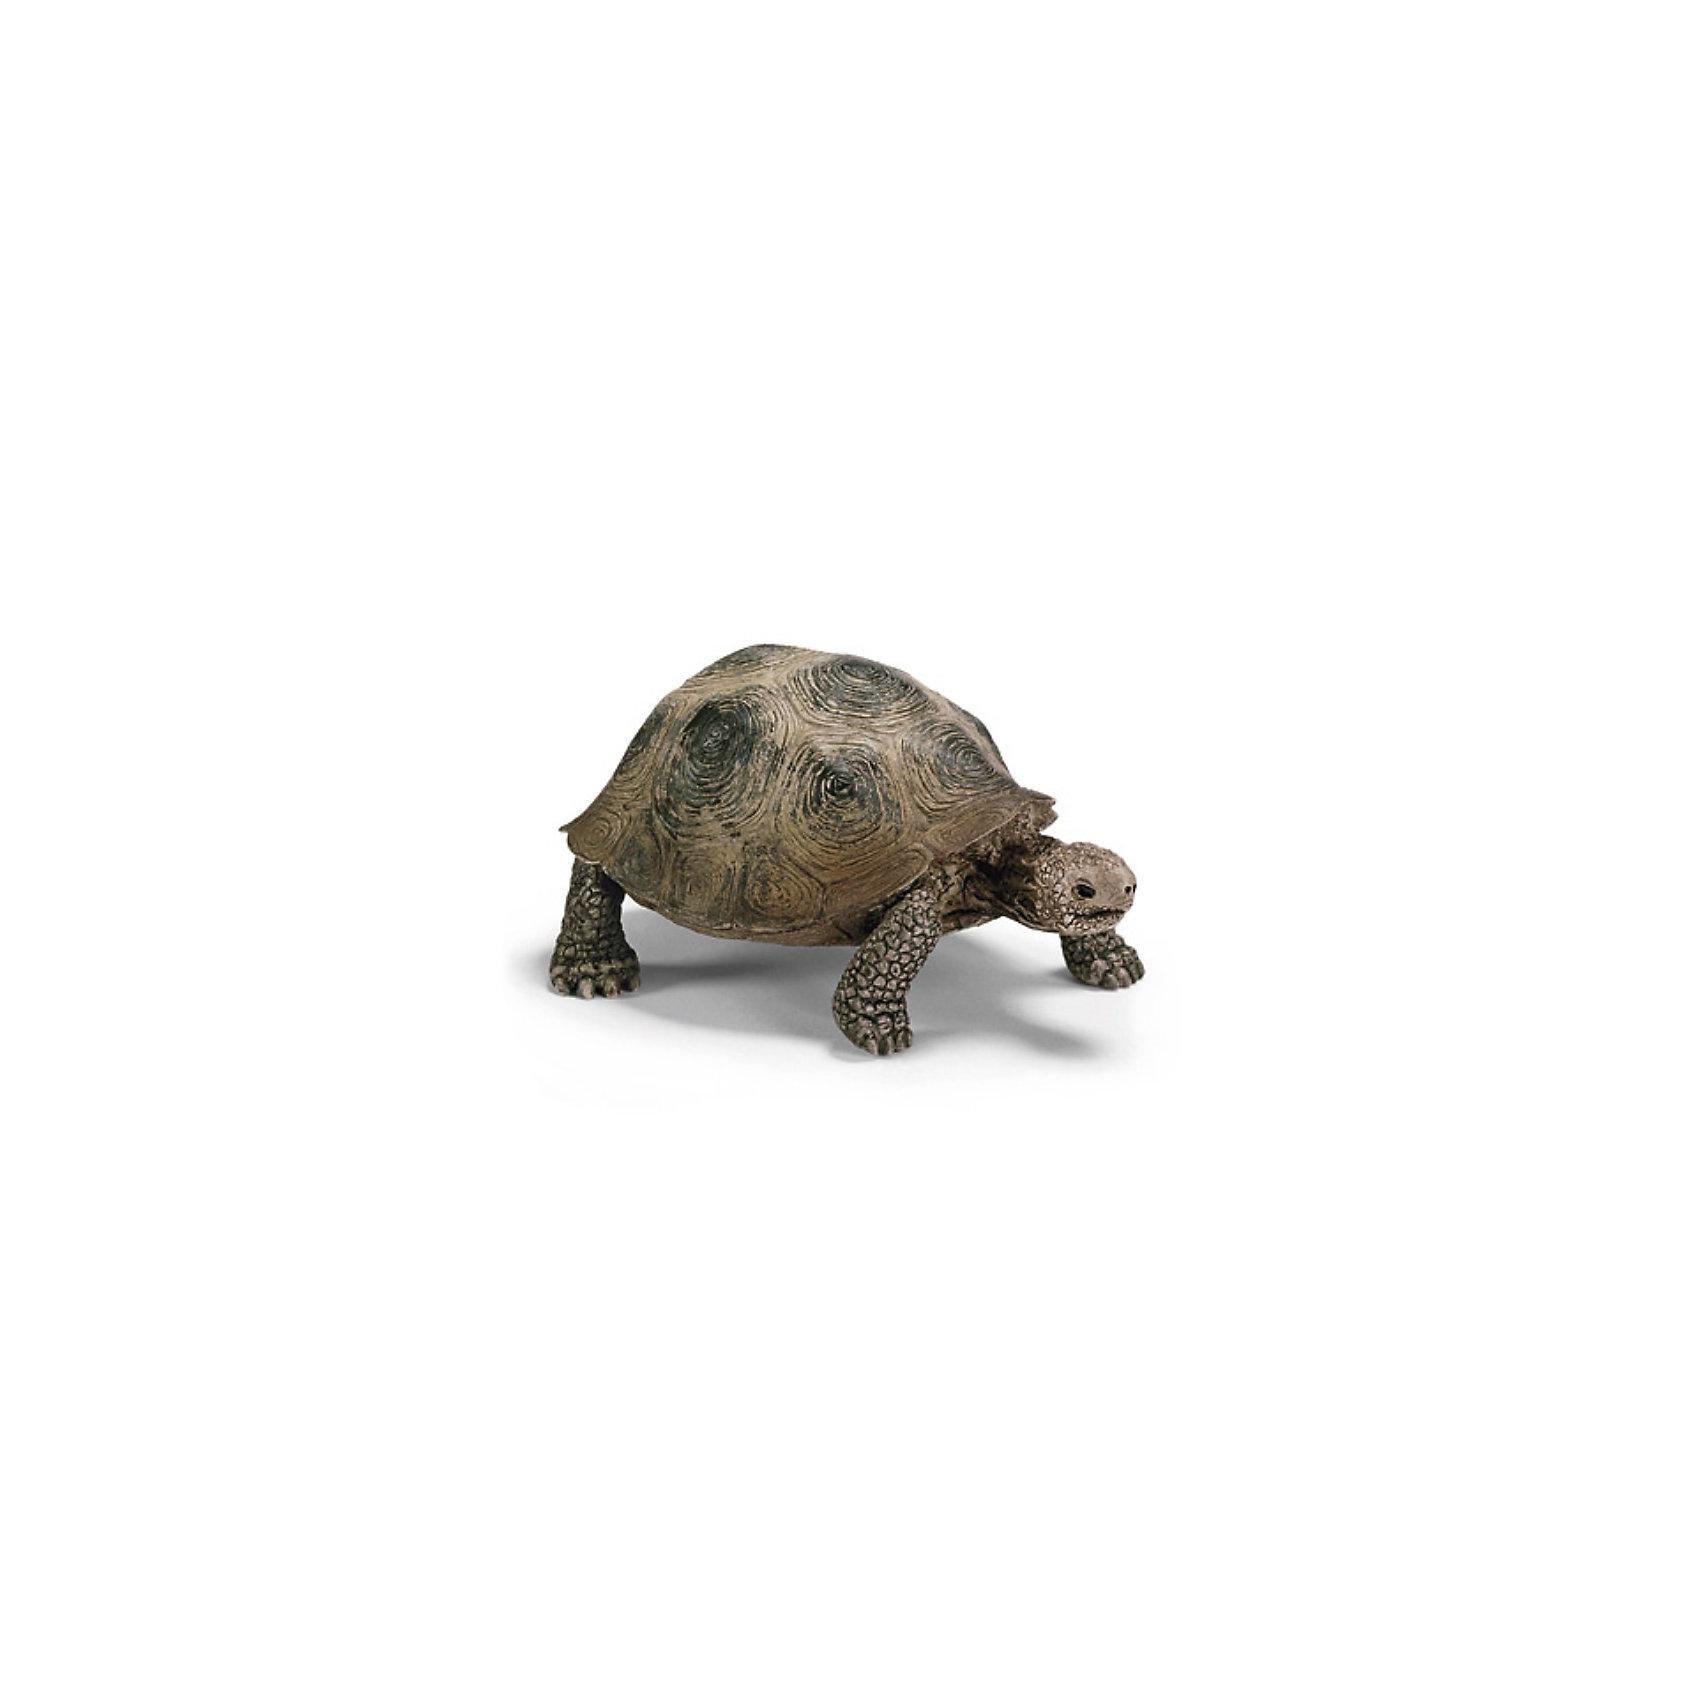 Schleich Schleich Гигантская черепаха. Серия Дикие животные schleich